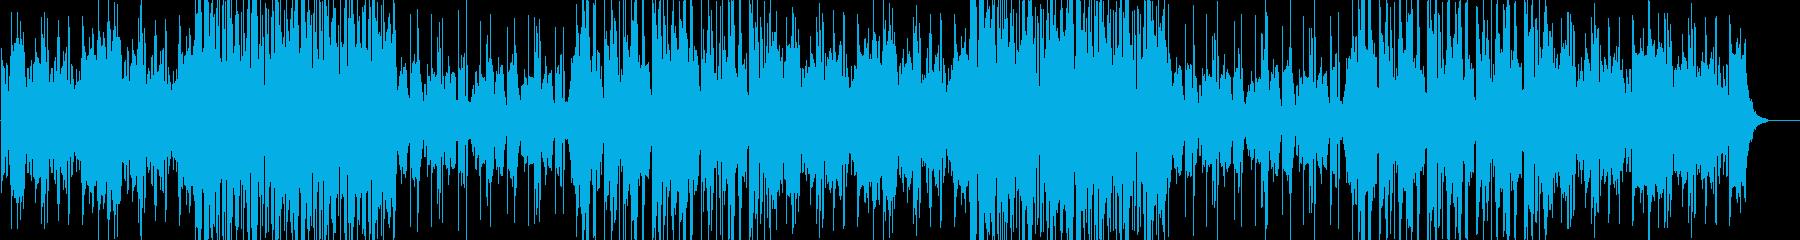 アンビエント感の幻想的な曲です。の再生済みの波形